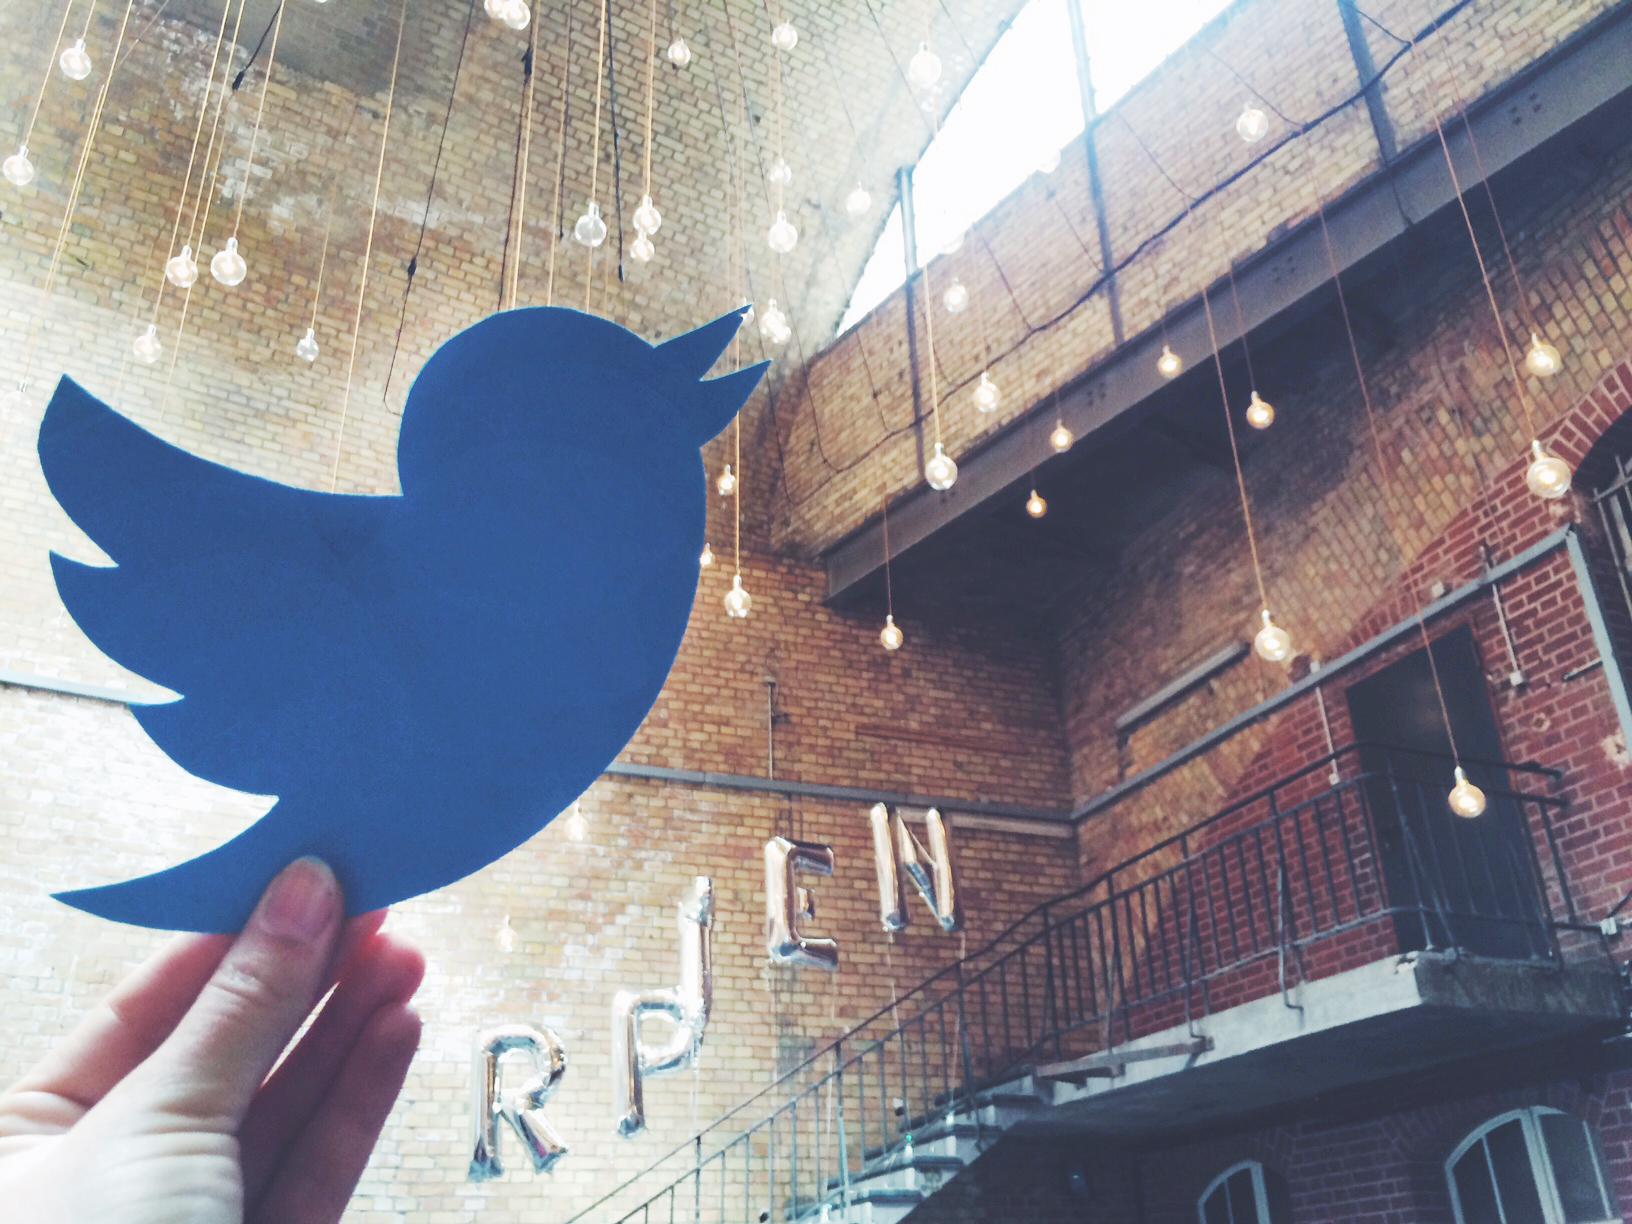 Mark Little, Vice President of Media für Europa & Afrika bei Twitter, spricht auf der #rpTEN über die Besonderheit des Storytelling auf Twitter